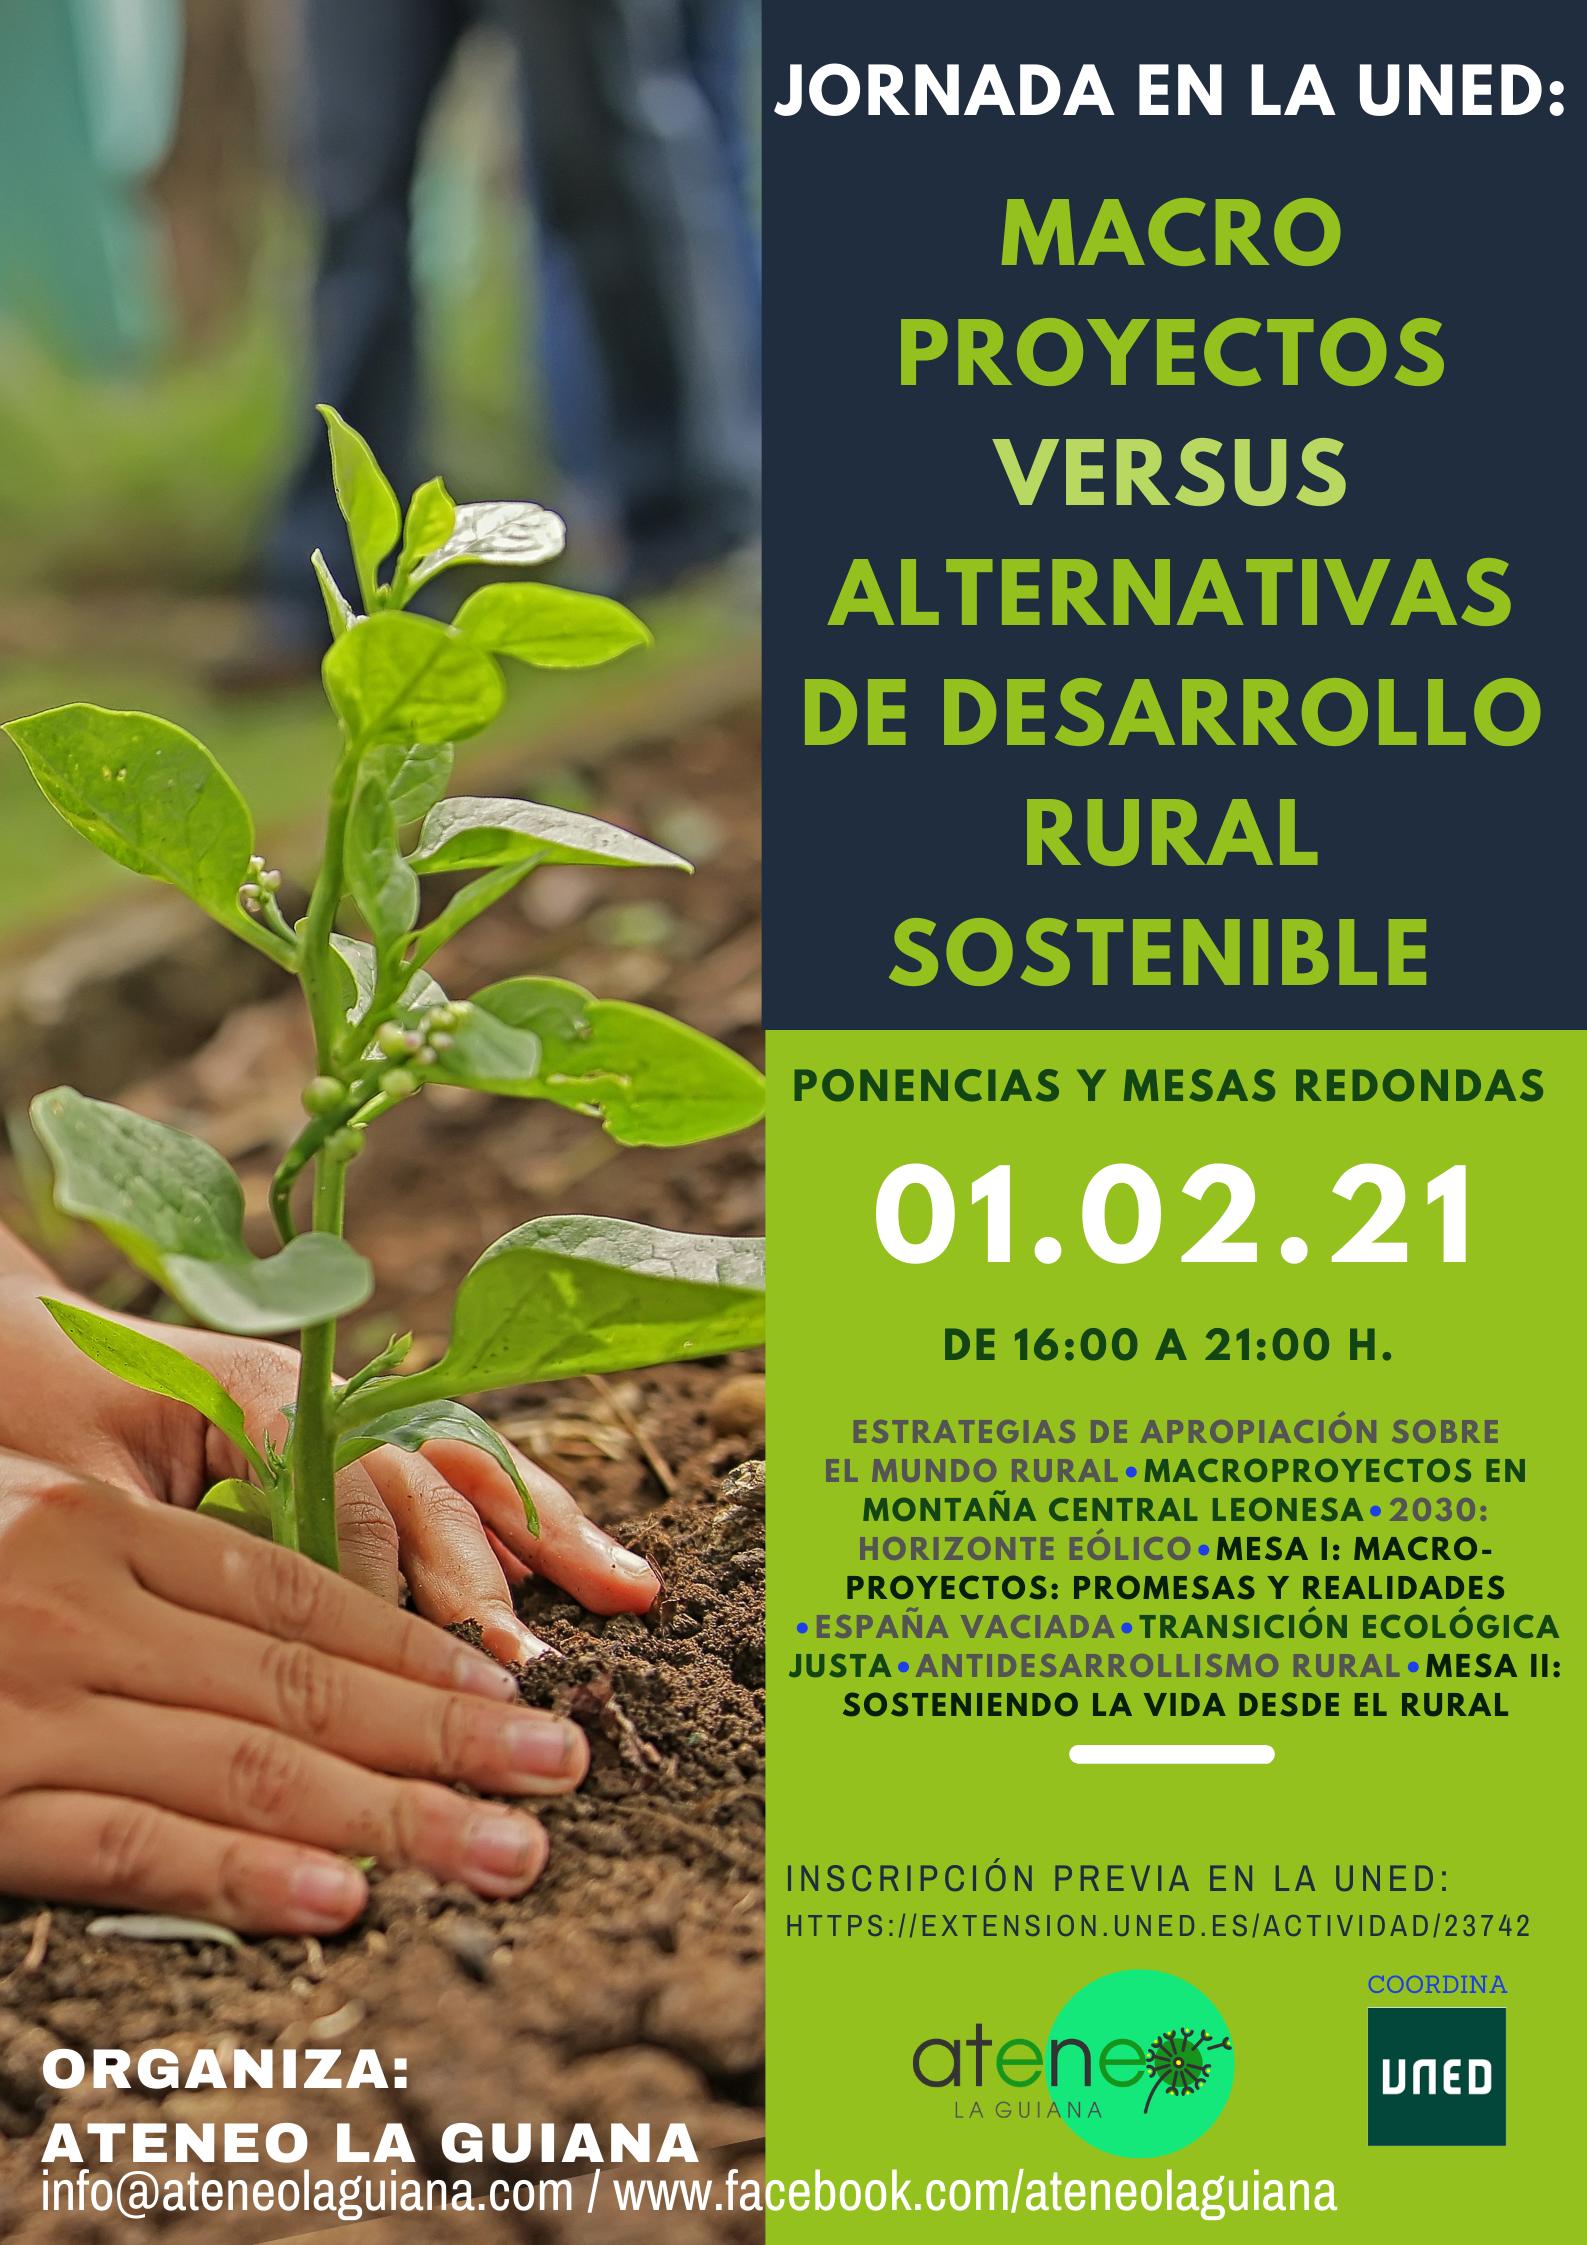 La Uned y el Ateneo La Guiana organizan la charla